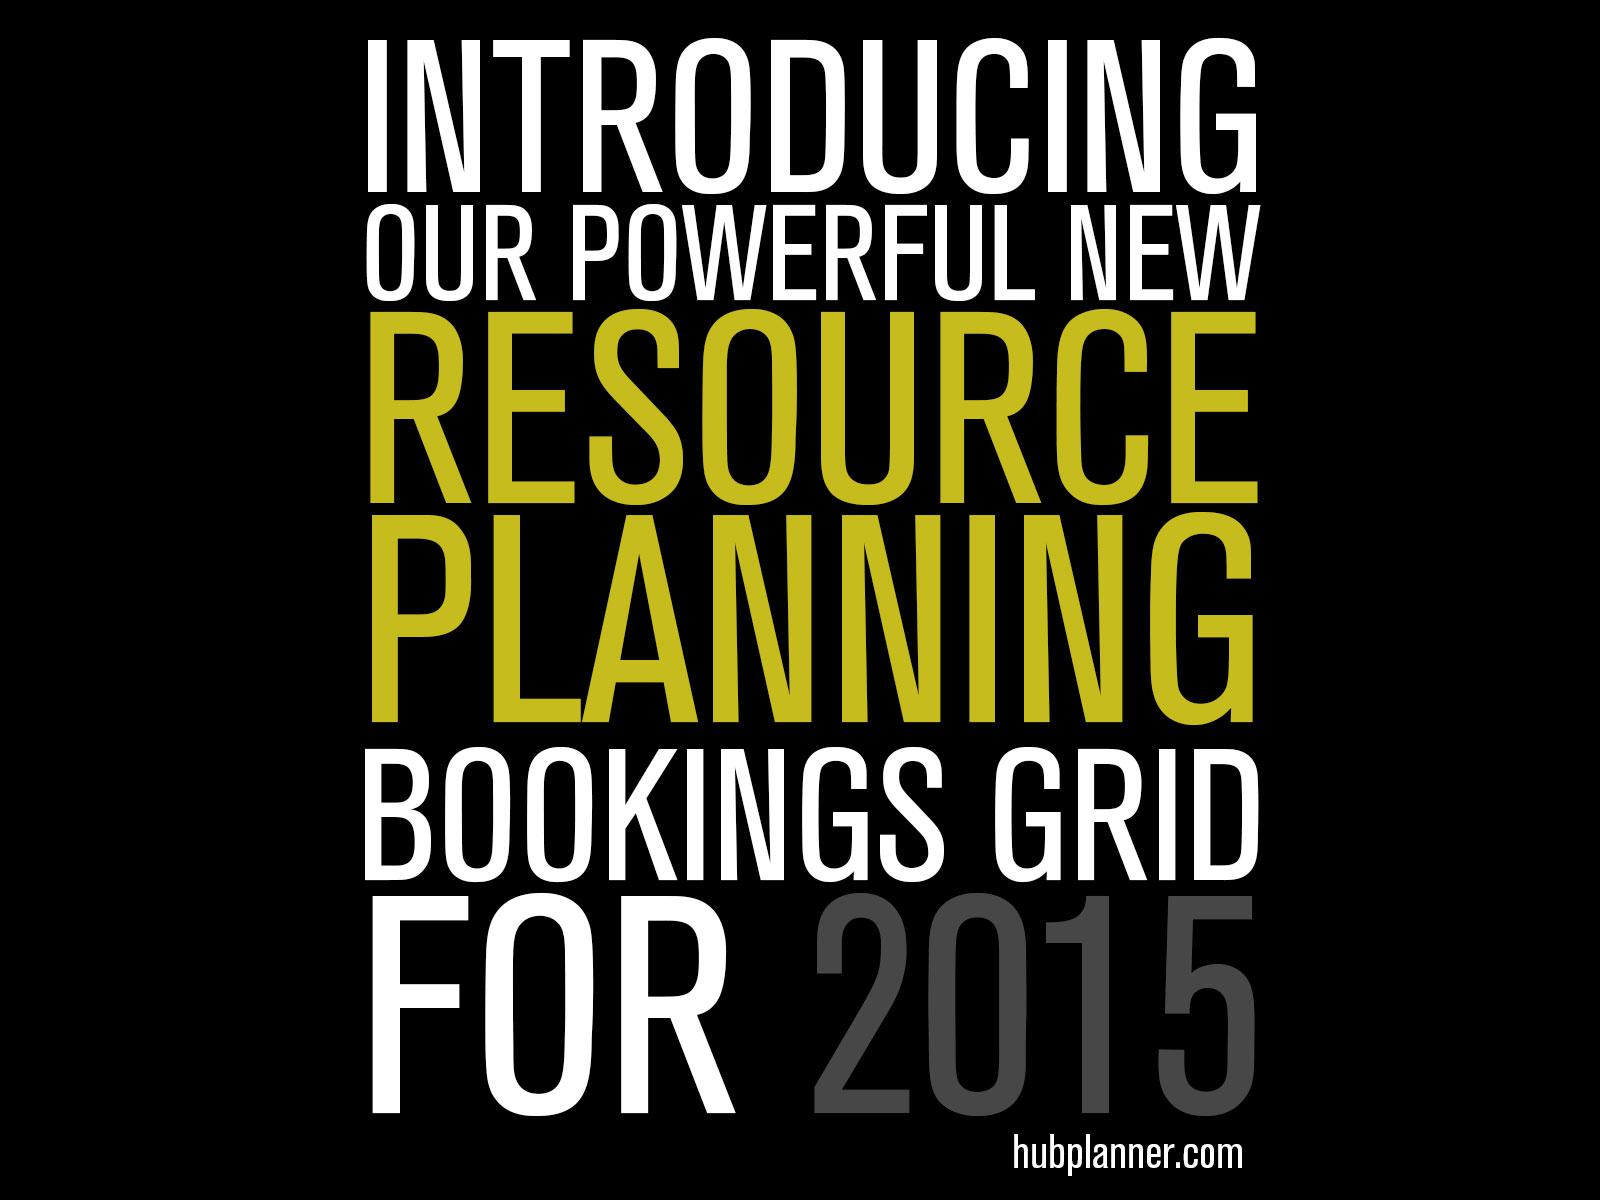 Resource Planning 2015